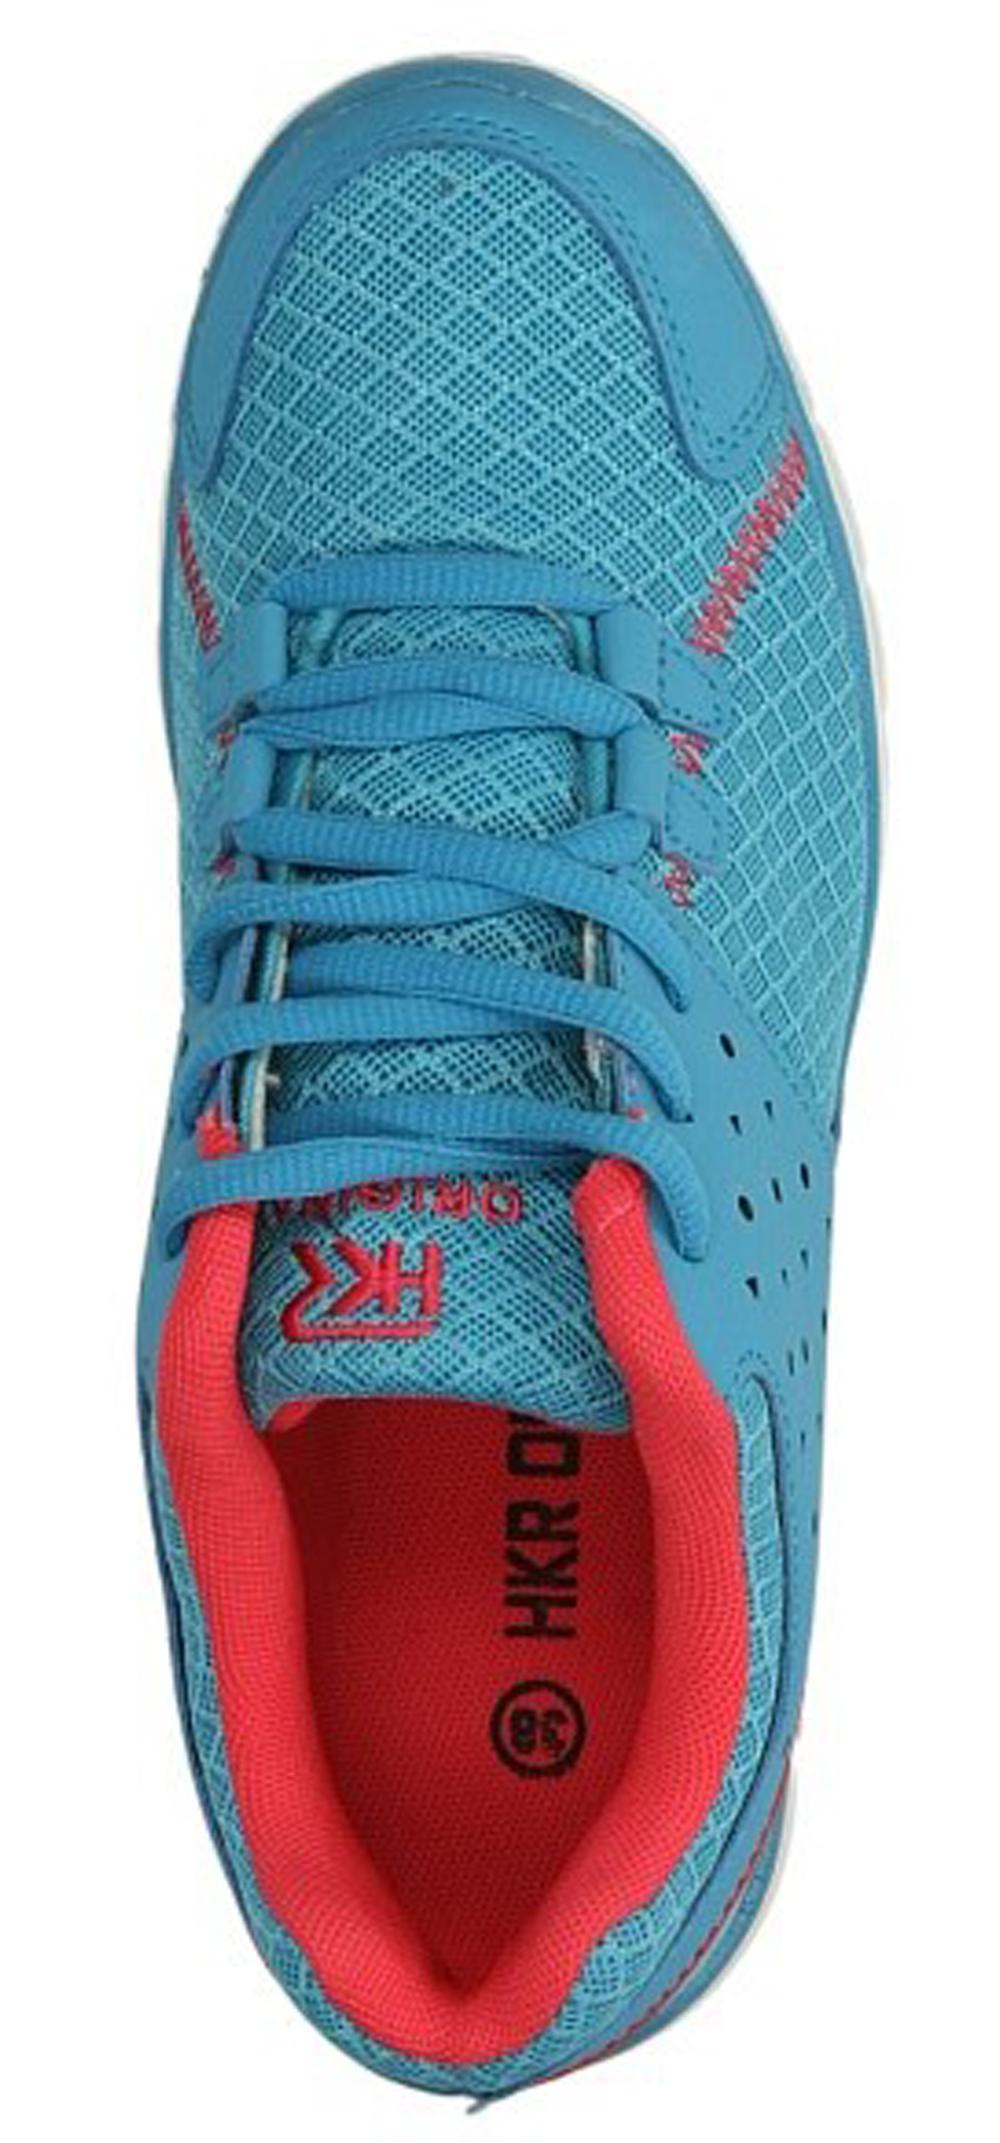 Damskie SPORTOWE CASU 7A-HG84549 niebieski;różowy;